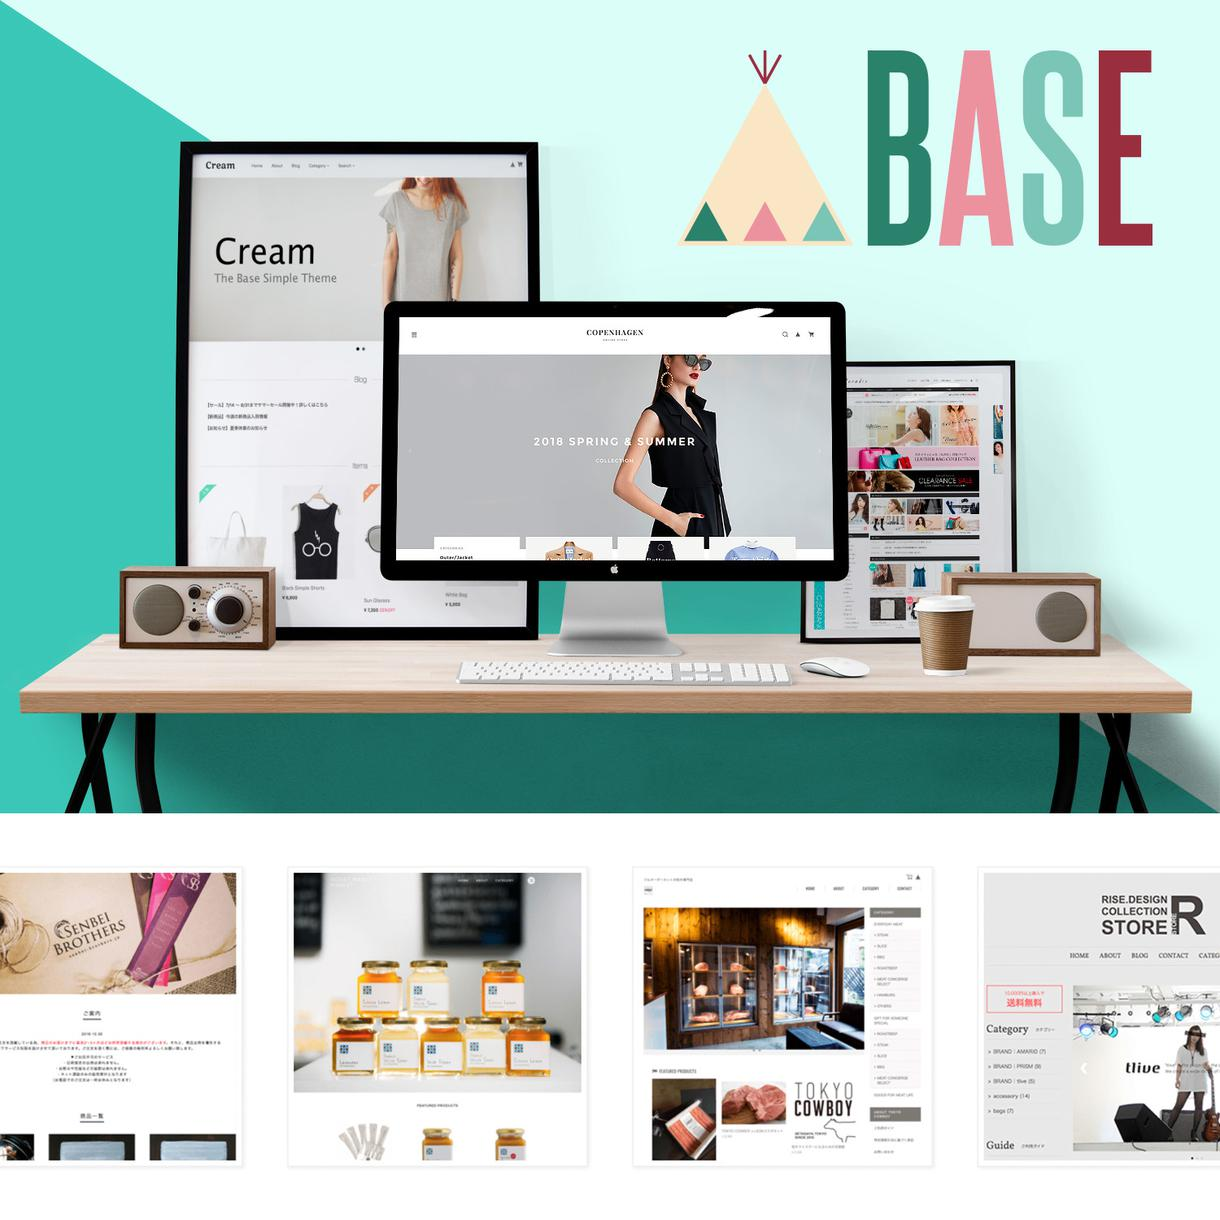 BASEでECサイト/ネットショップ作成します 今すぐおしゃれなネットショップを持ちたい方におすすめです!